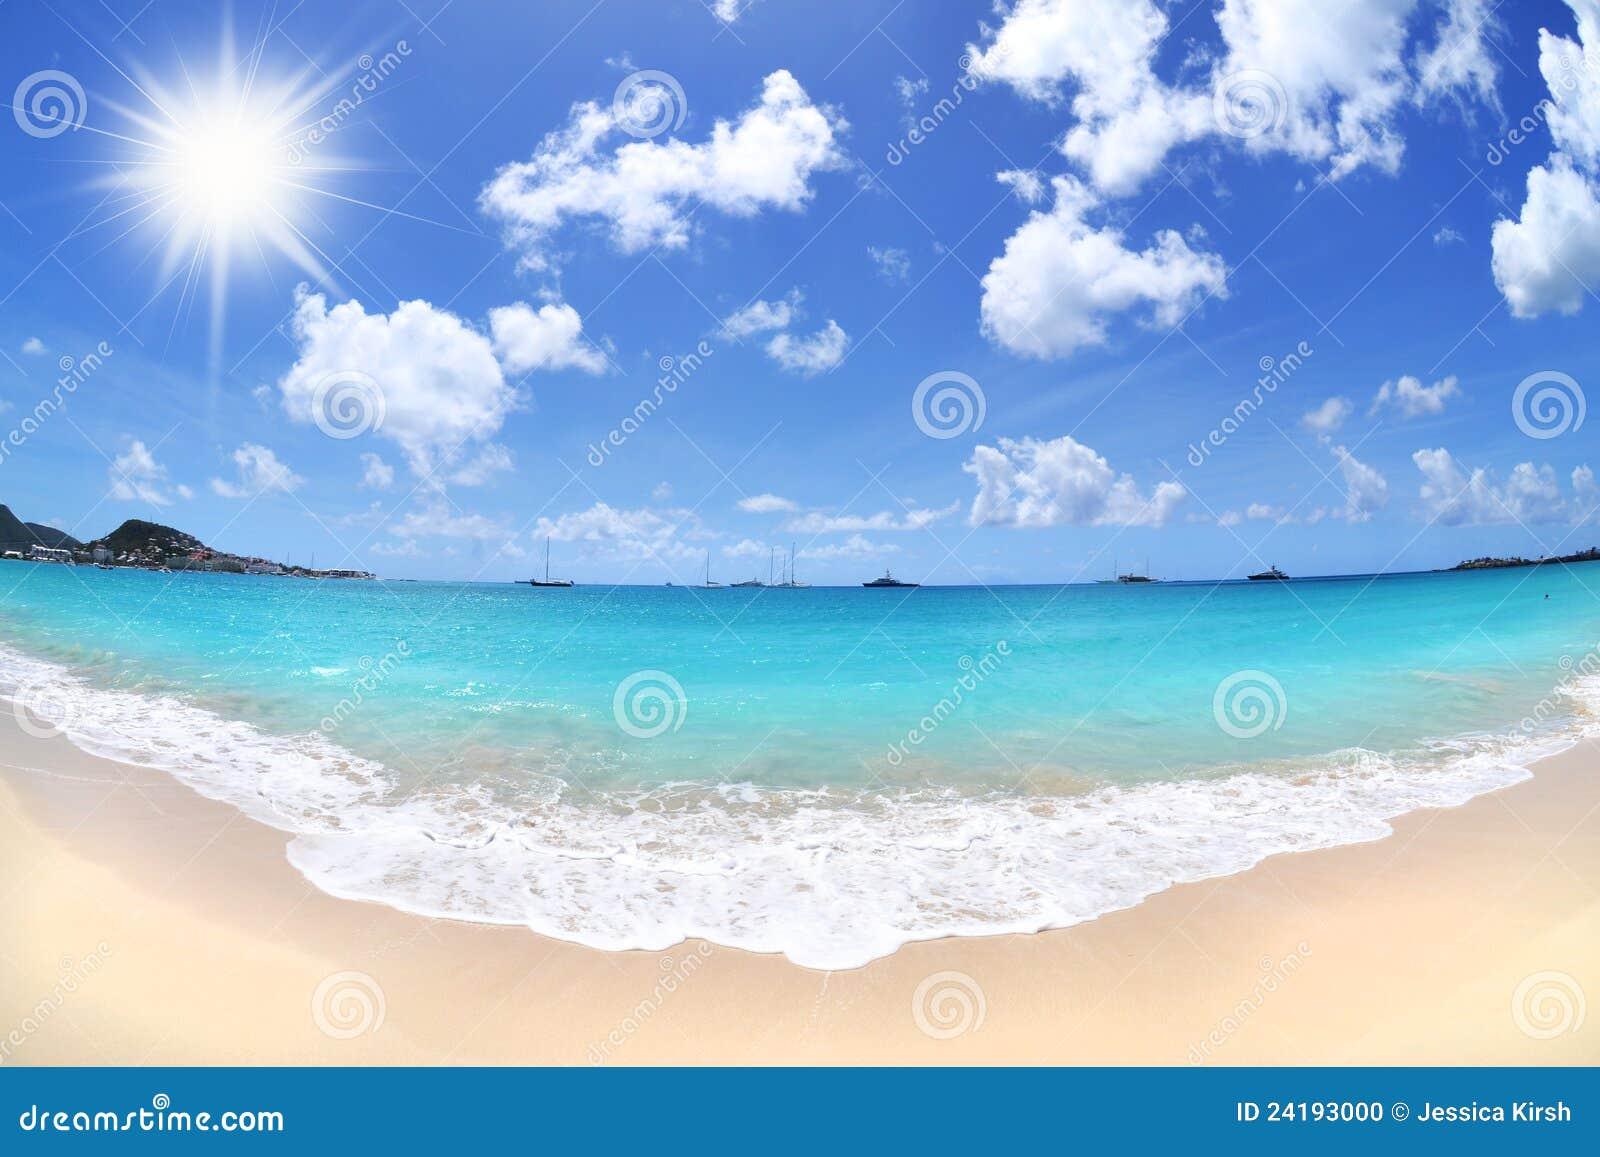 a day at a beach